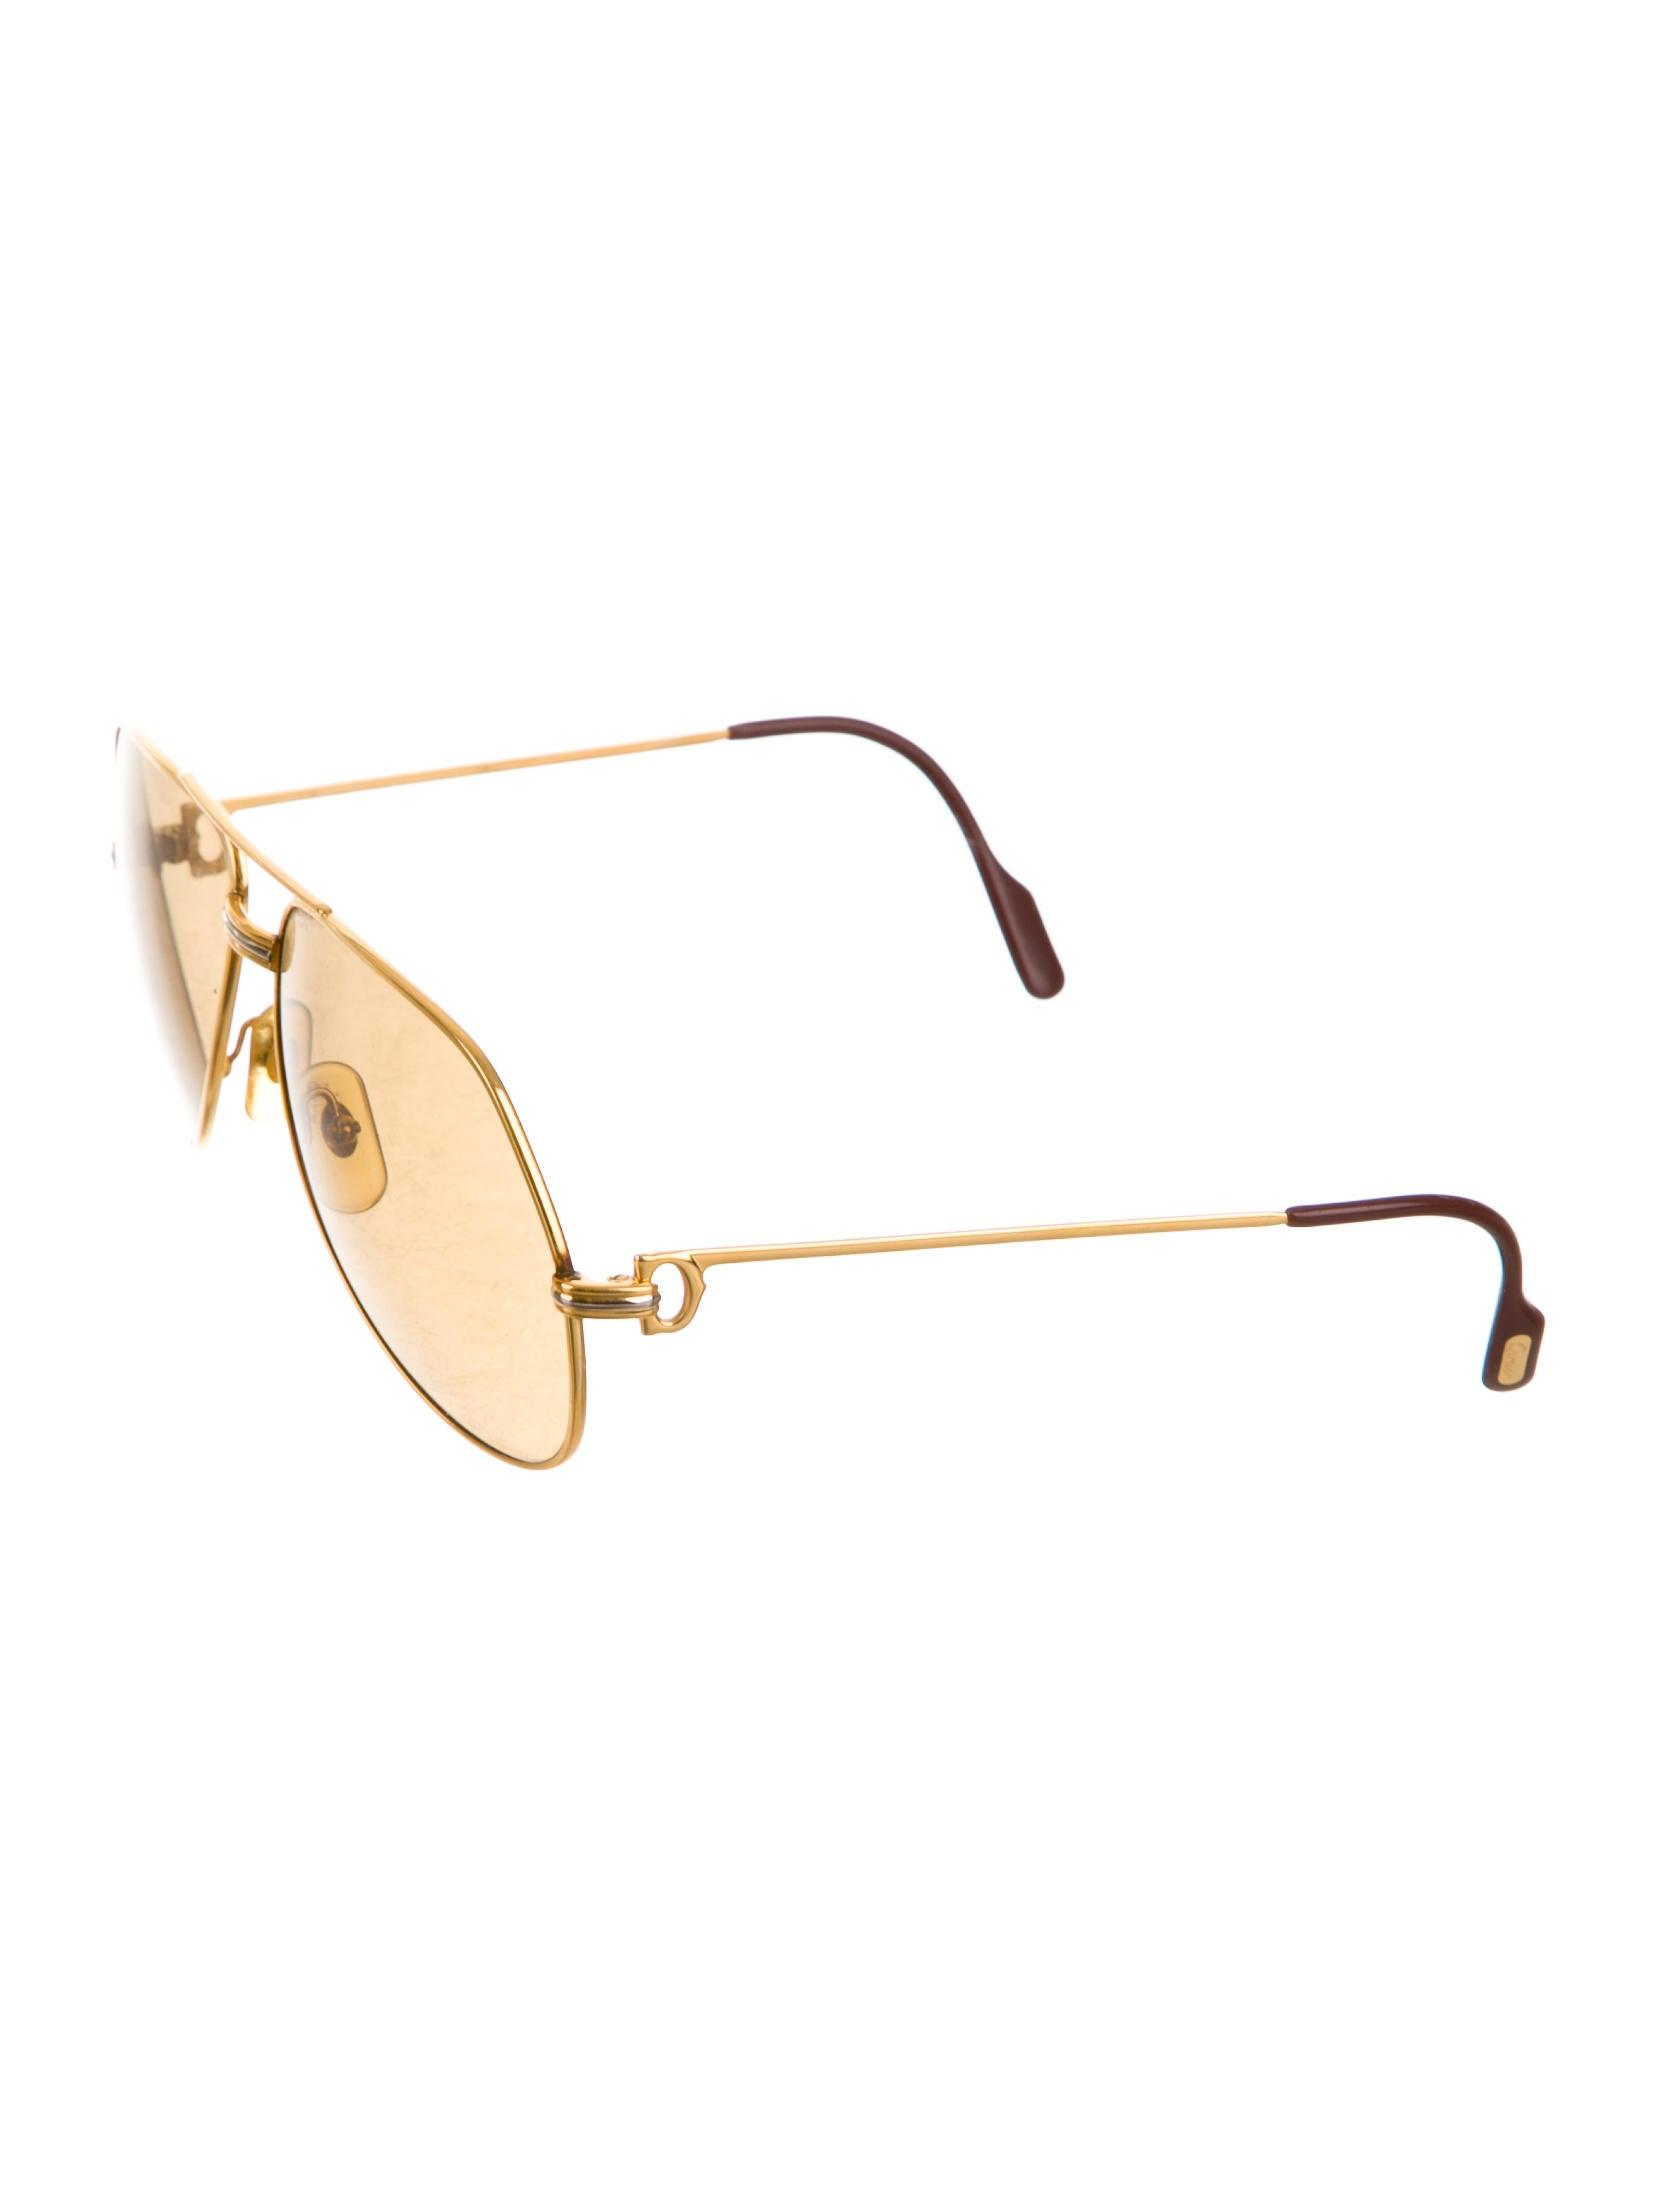 e8b8d84e31d1 Cartier Aviator Sunglasses Gold